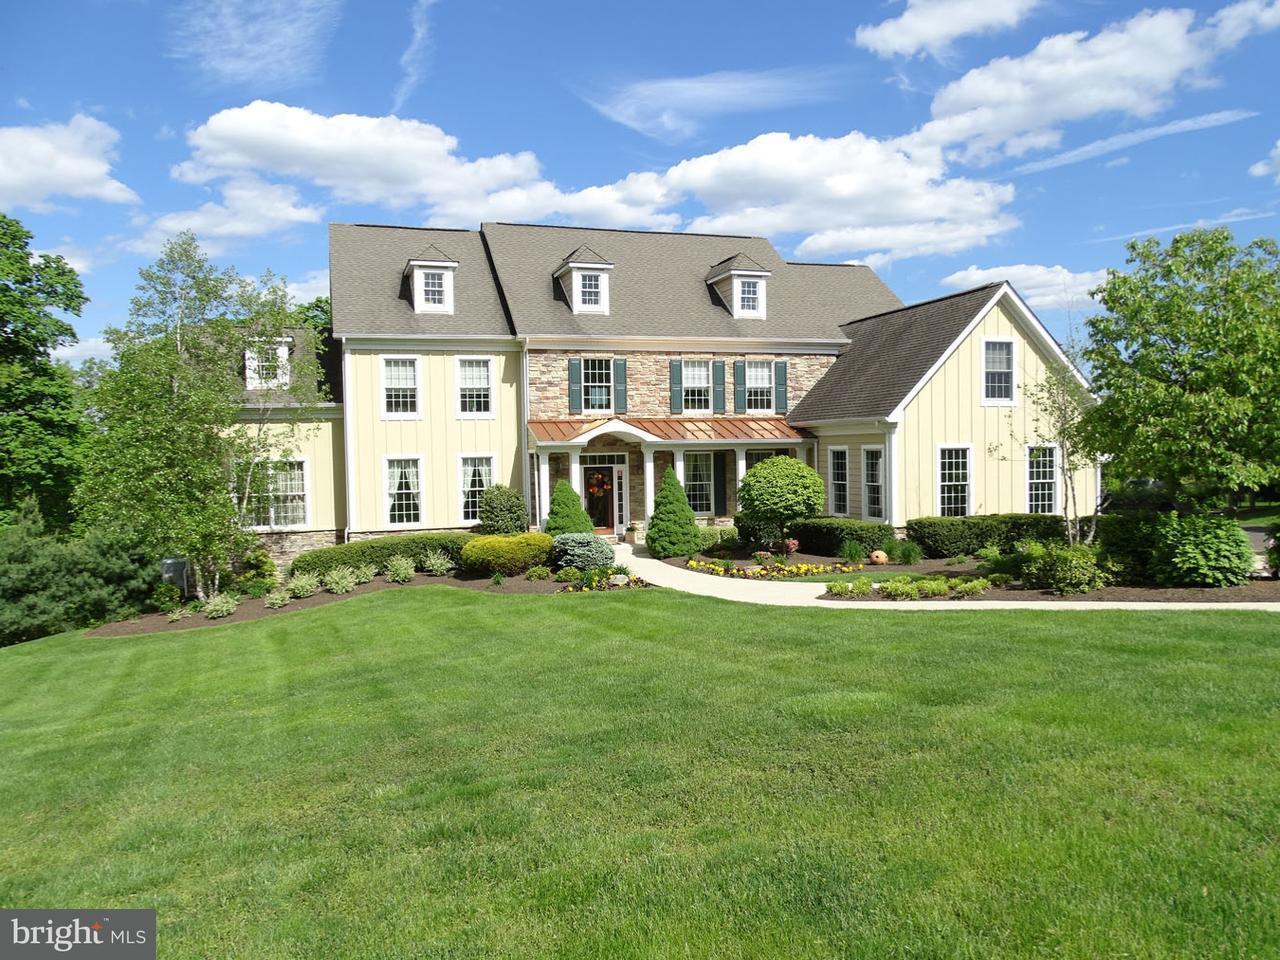 Частный односемейный дом для того Продажа на 500 WORTHINGTON MILL Road Richboro, Пенсильвания 18954 Соединенные Штаты